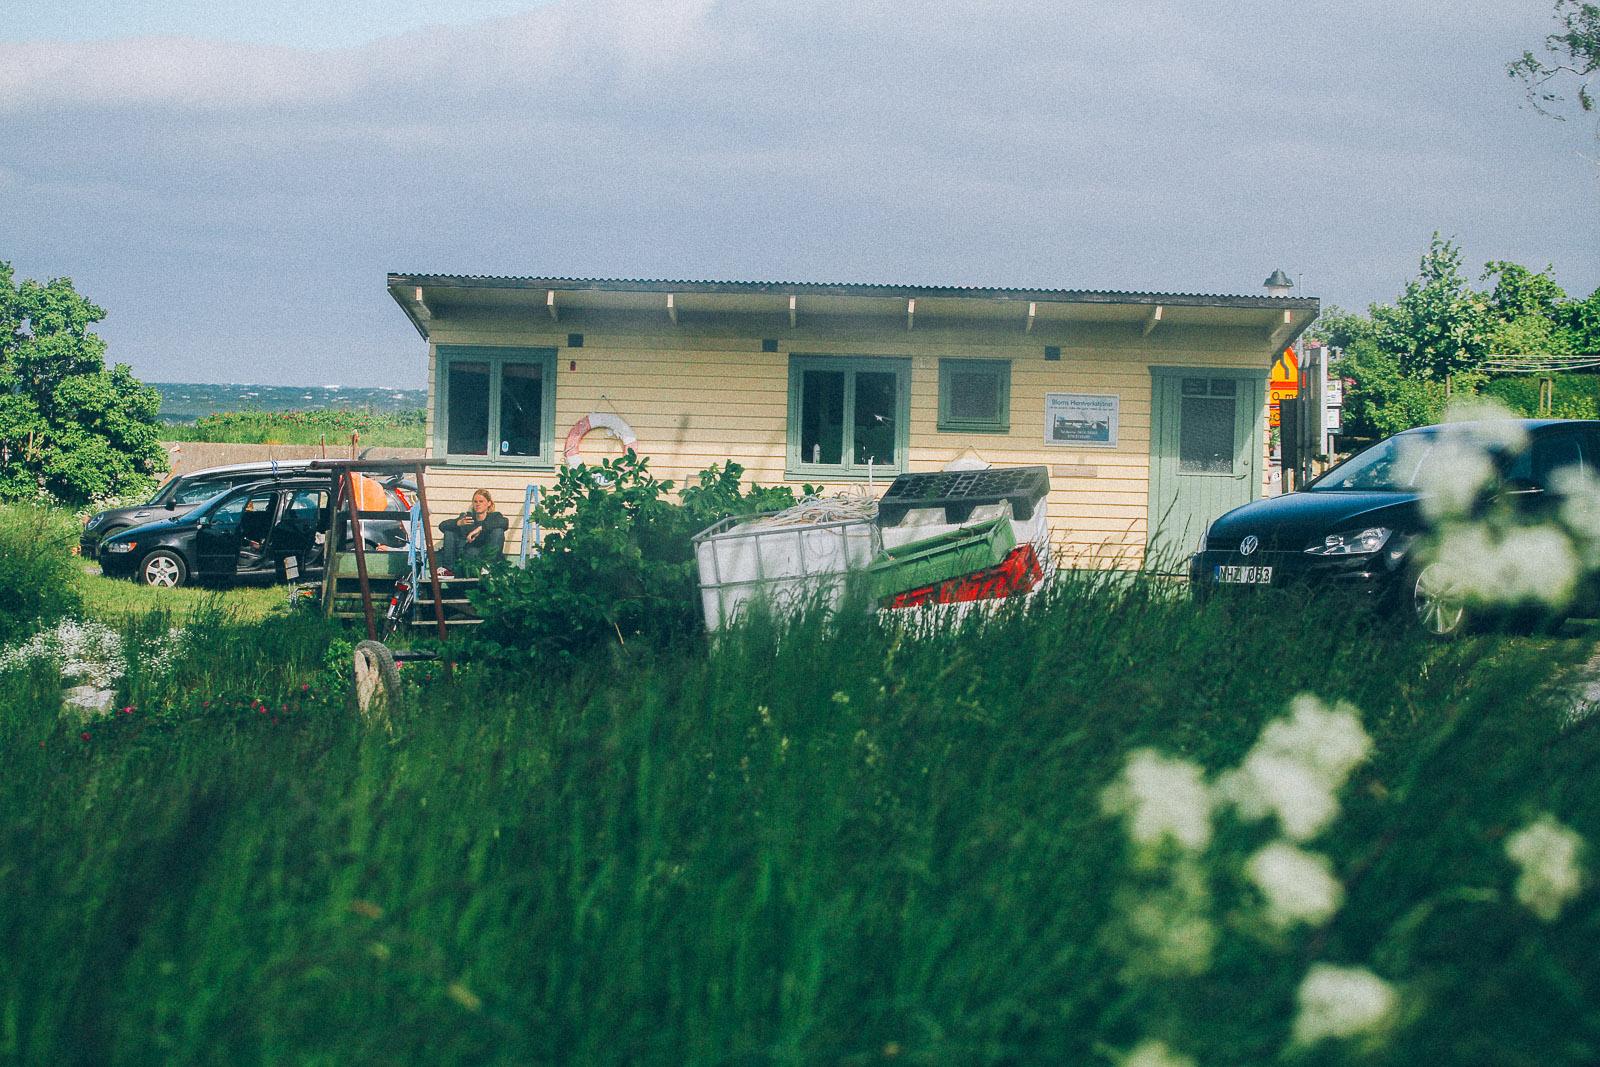 Sunshinestories-Surf-Vik-Österlen-Skåne-IMG_7008